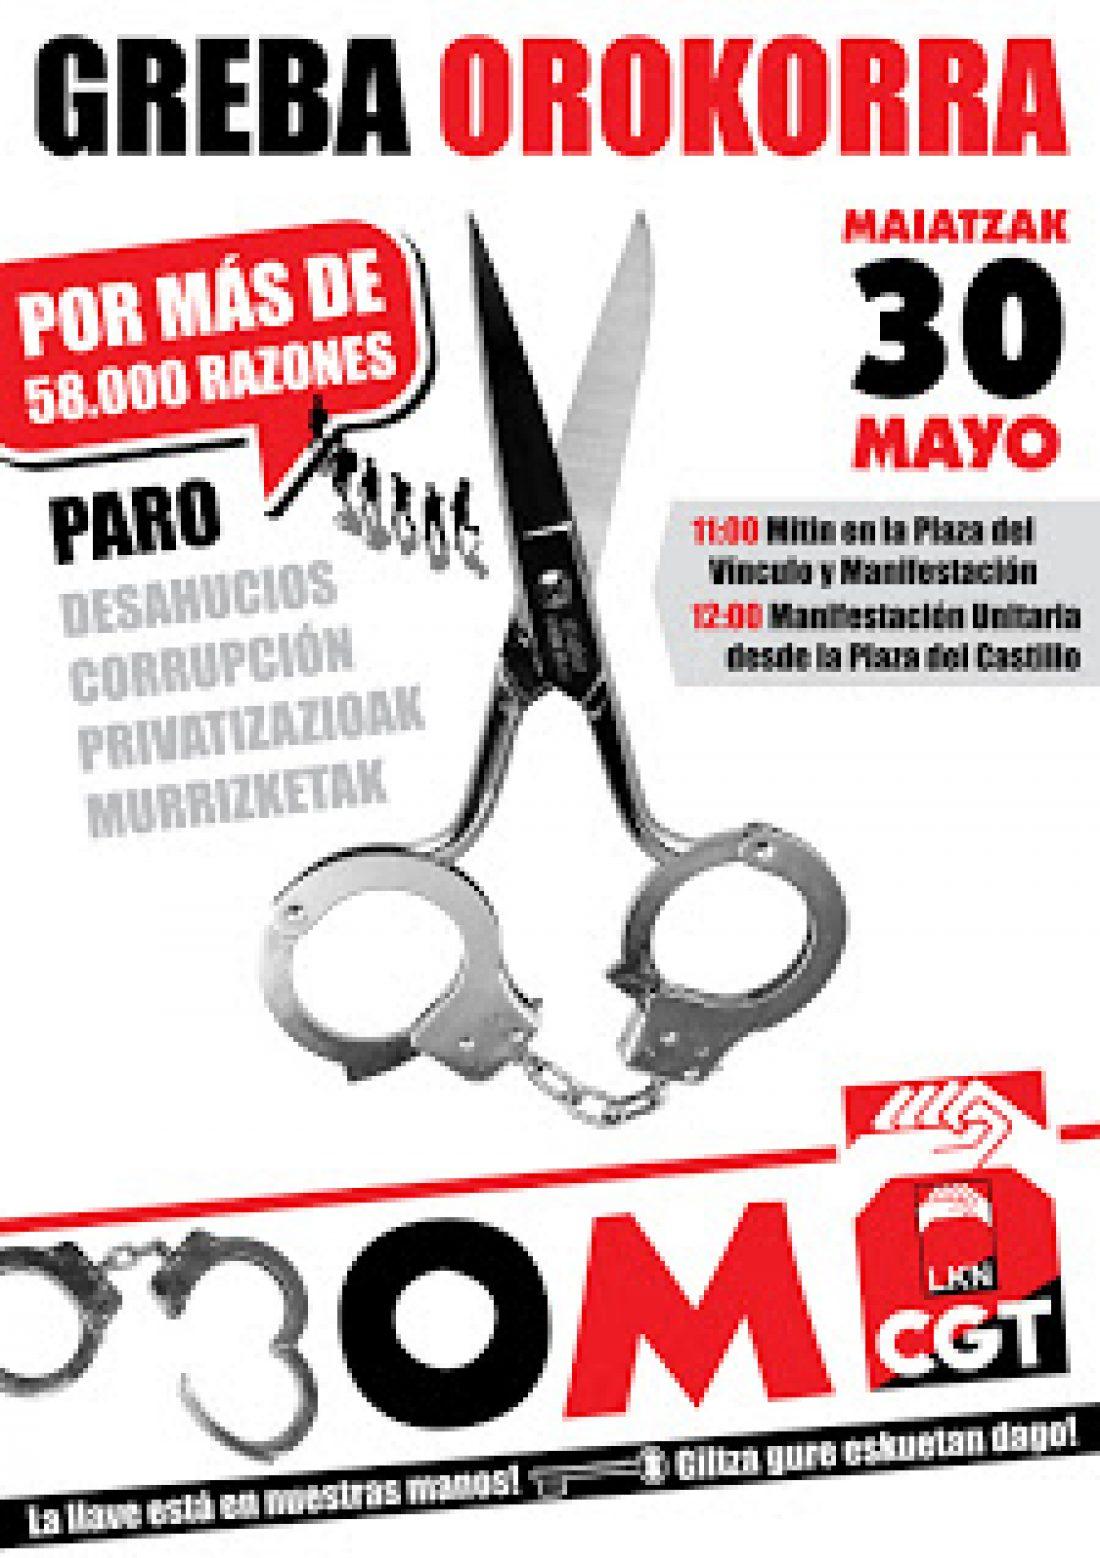 Comunicado: Solidaridad Huelga General convocada por CGT-LKN de Euskadi 30M